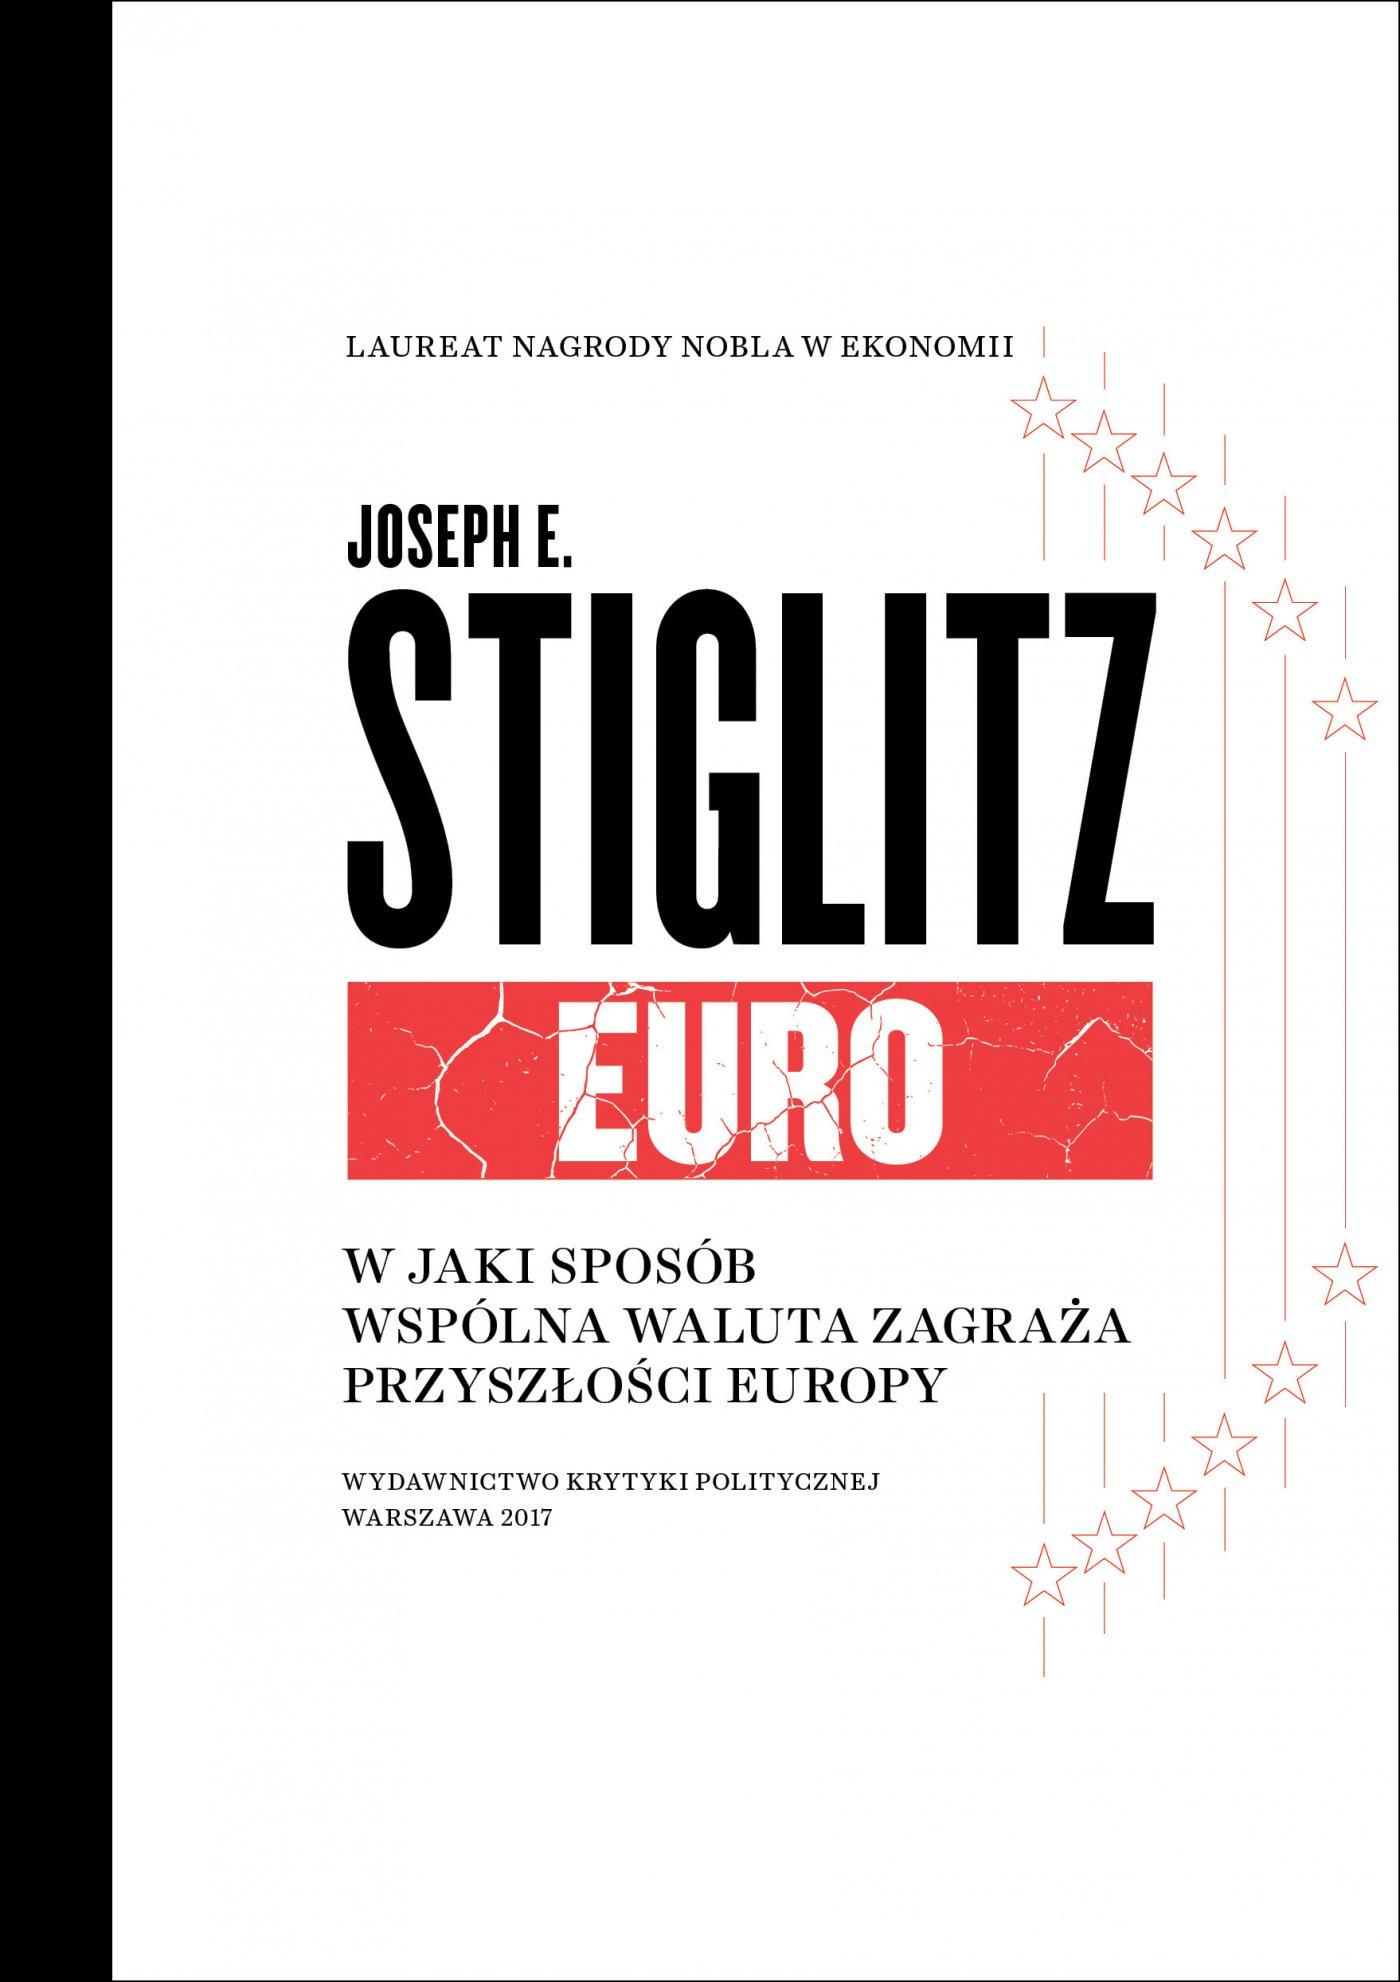 Euro. W jaki sposób wspólna waluta zagraża przyszłości Europy - Ebook (Książka EPUB) do pobrania w formacie EPUB